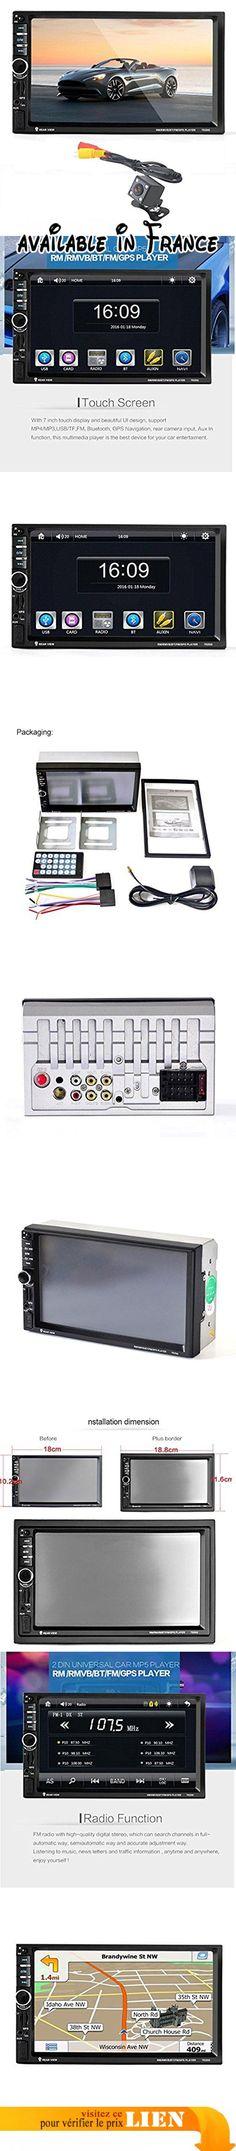 """Ularma 7"""" HD Bluetooth Écran tactile Voiture GPS Stéréo Radio 2 DIN MP5/MP3/USB/AUX + Appareil photo. Support sans fil Bluetooth connexion et main libre téléphone appel fonction.. Soutenir la fonction de Navigation GPS. Support FM et intégré Aux Input.. Carte de TF de soutien (jusqu'à 32Go) fente et interface USB standard.. Fonction d'entrée caméra de recul de soutien. #GPS or Navigation System #GPS_OR_NAVIGATION_SYSTEM"""